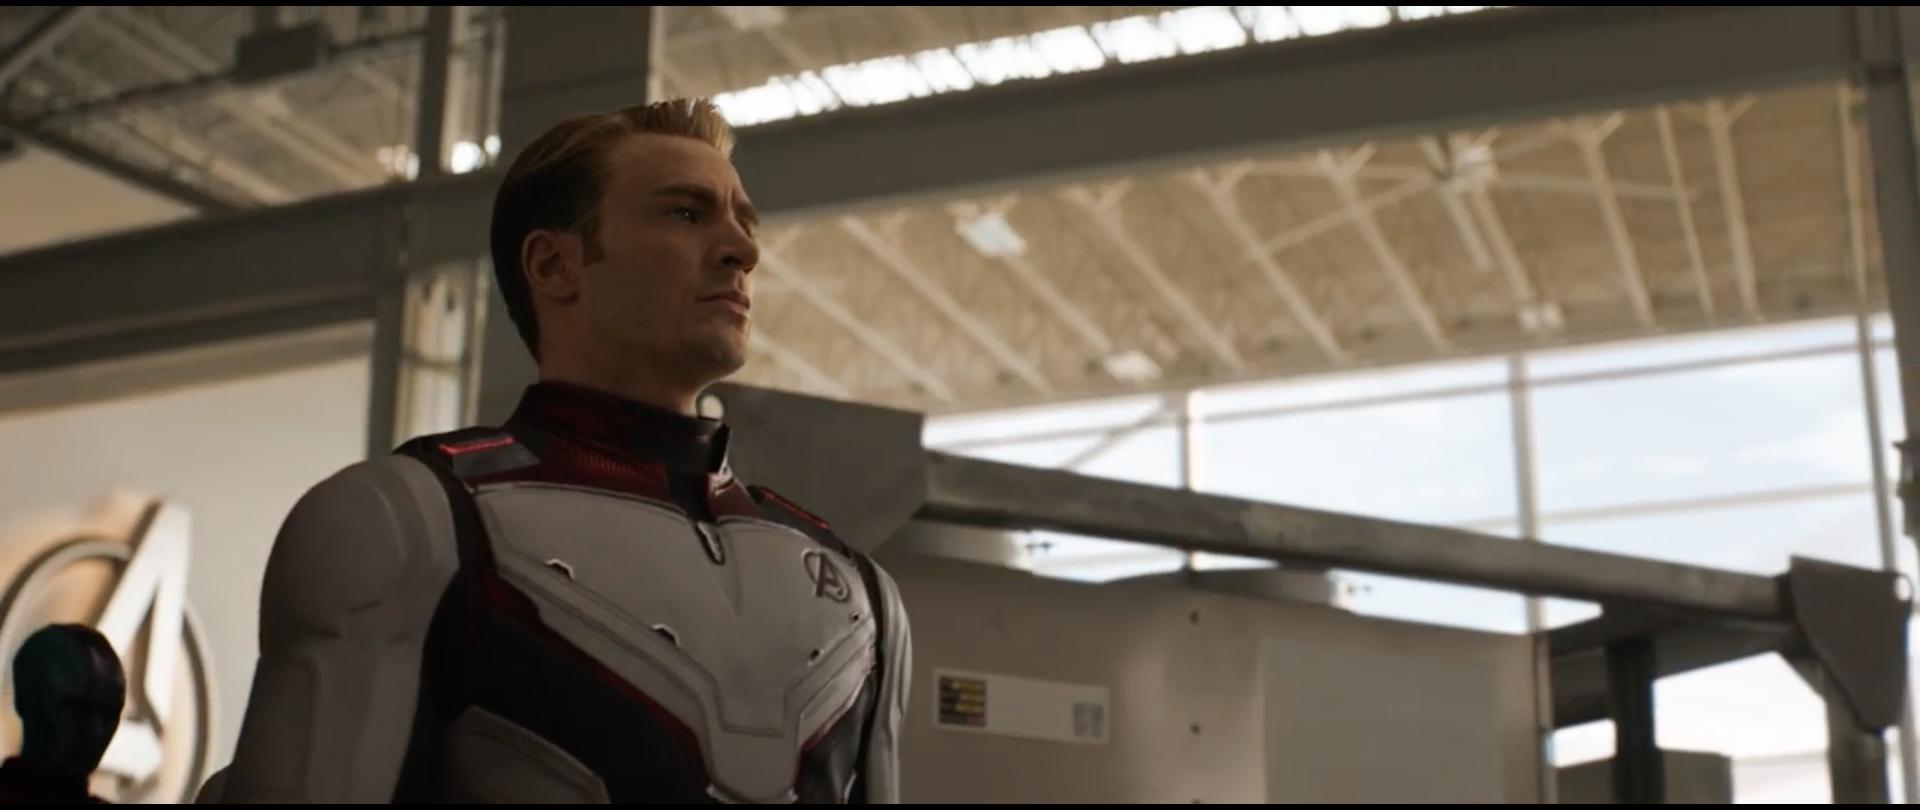 Immagine dal secondo trailer di Avengers Endgame